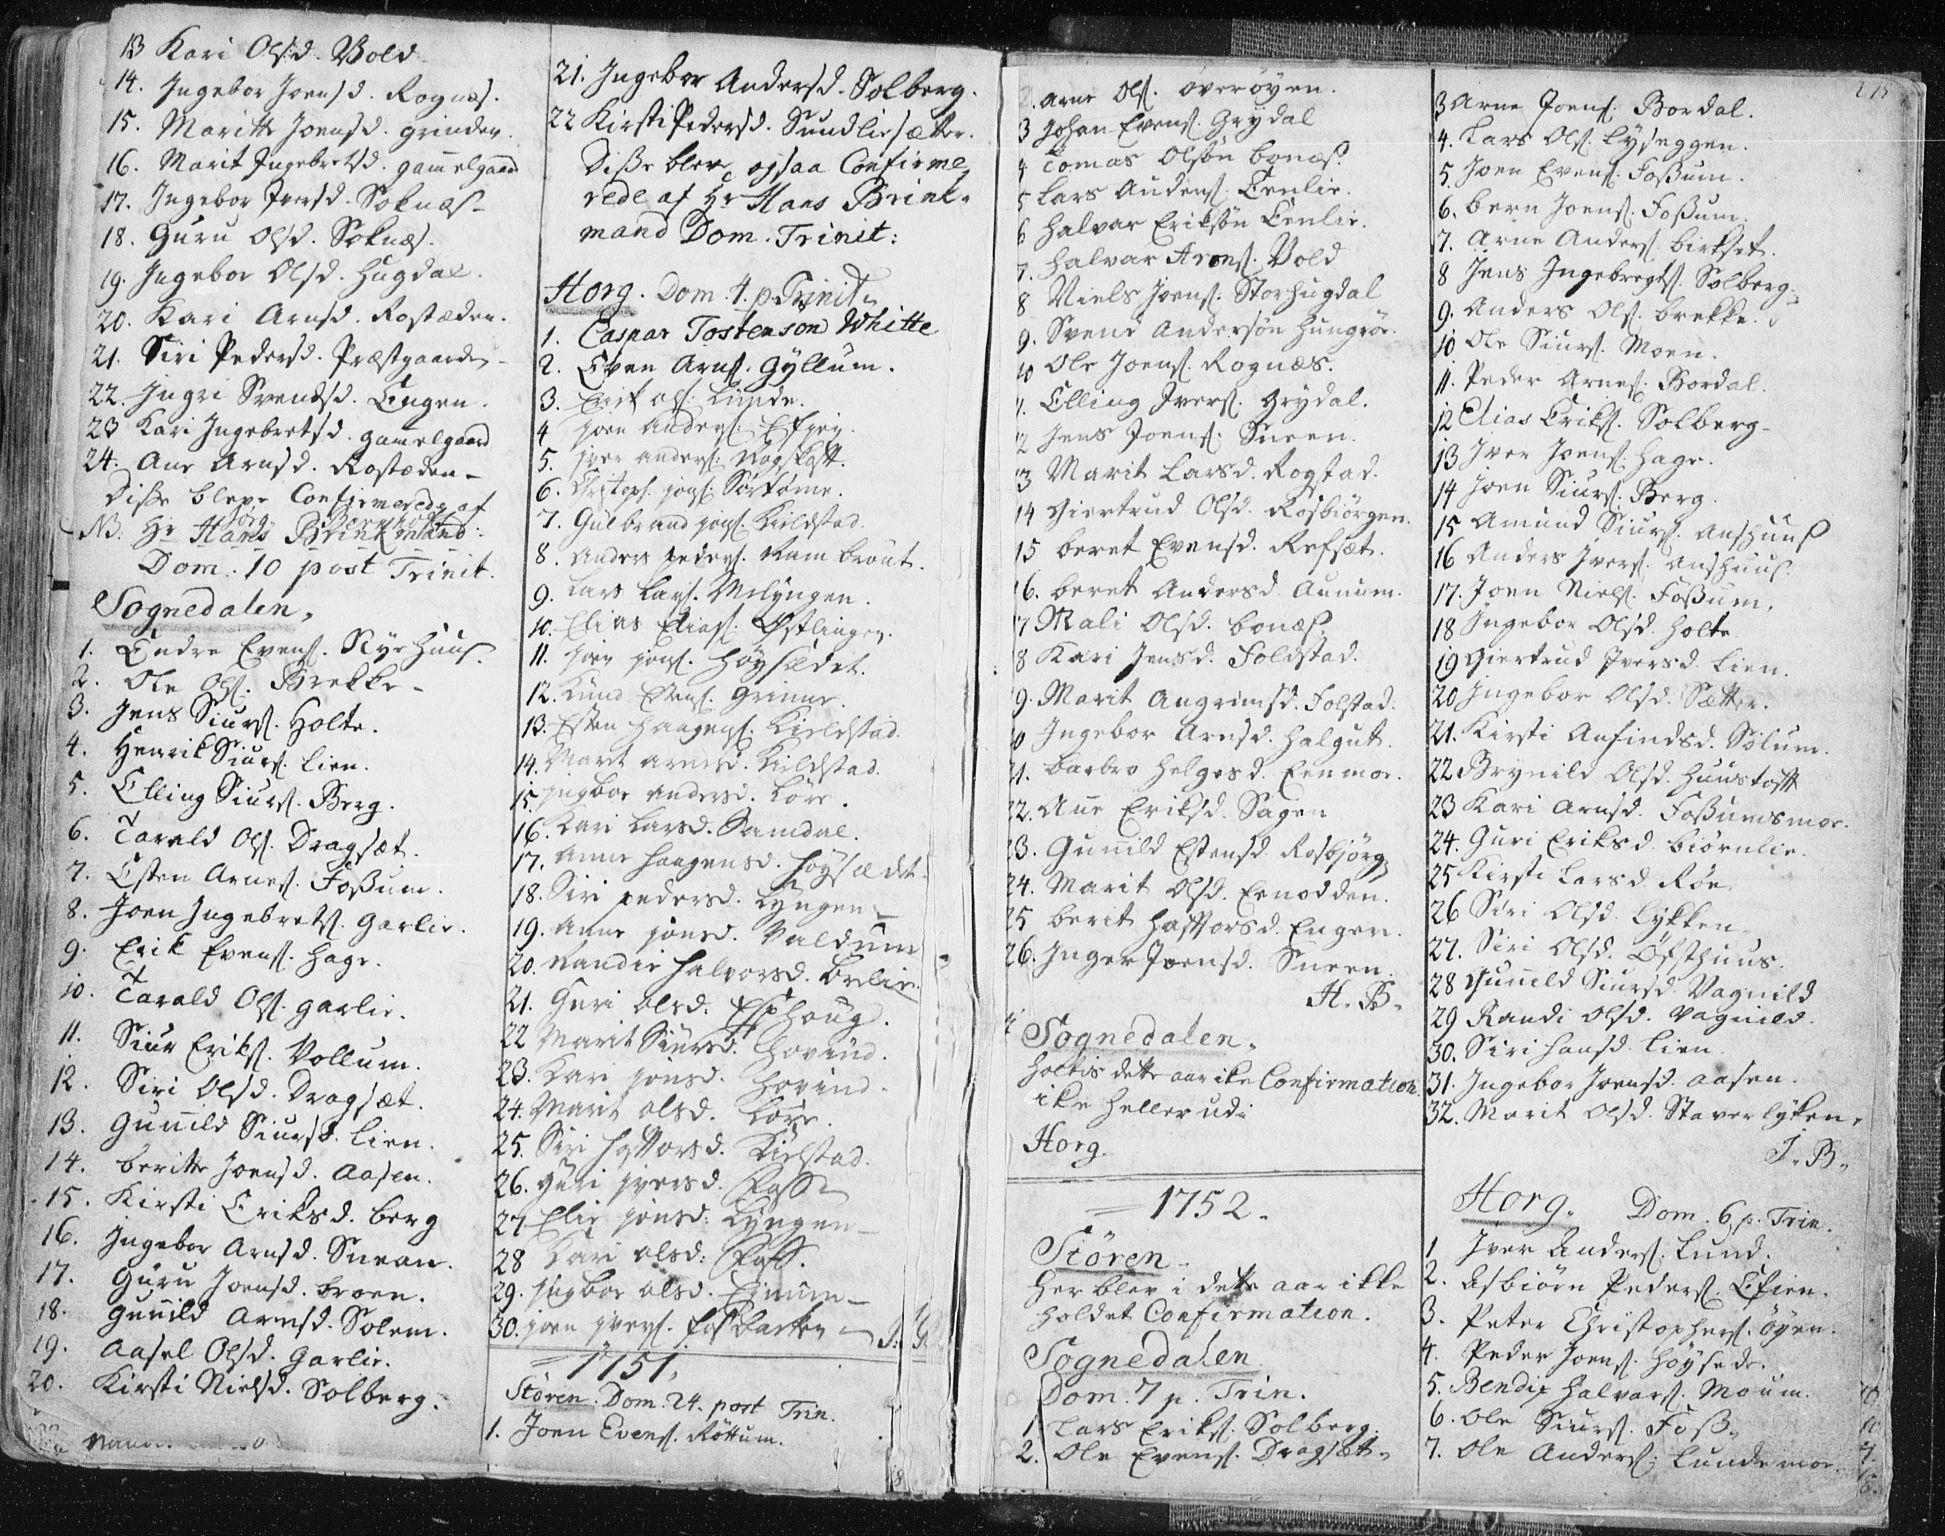 SAT, Ministerialprotokoller, klokkerbøker og fødselsregistre - Sør-Trøndelag, 687/L0991: Ministerialbok nr. 687A02, 1747-1790, s. 275